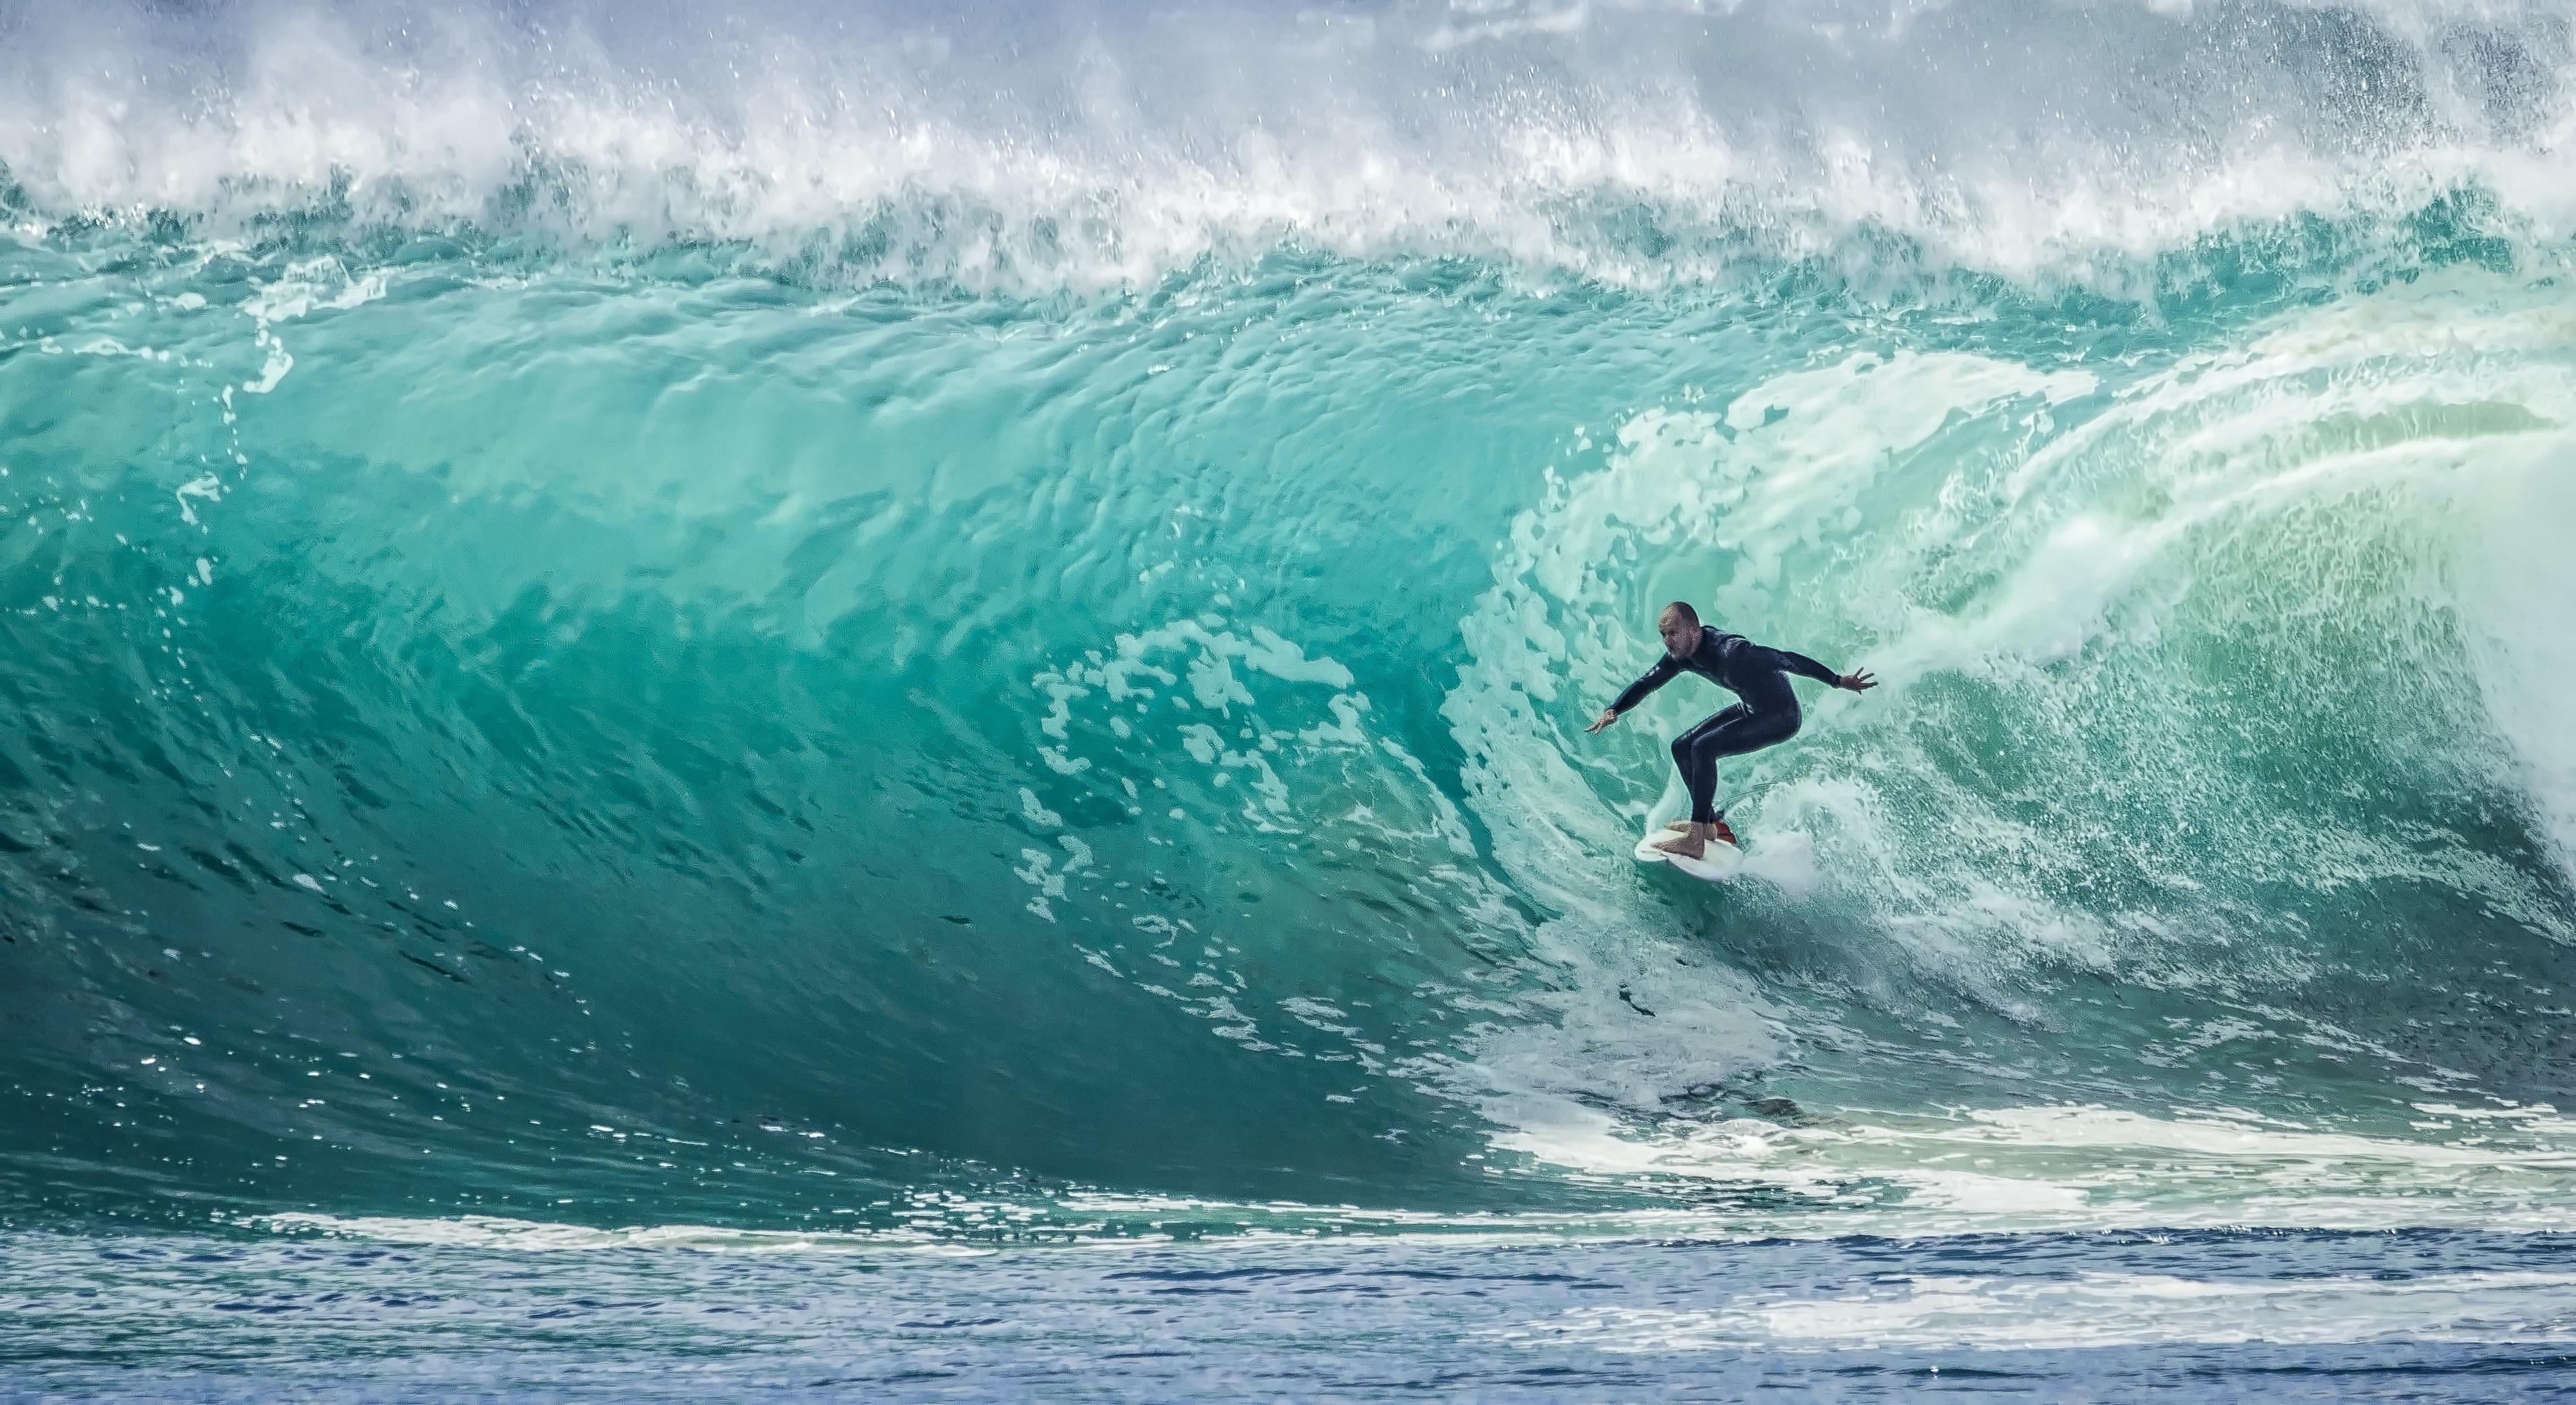 oside surfer